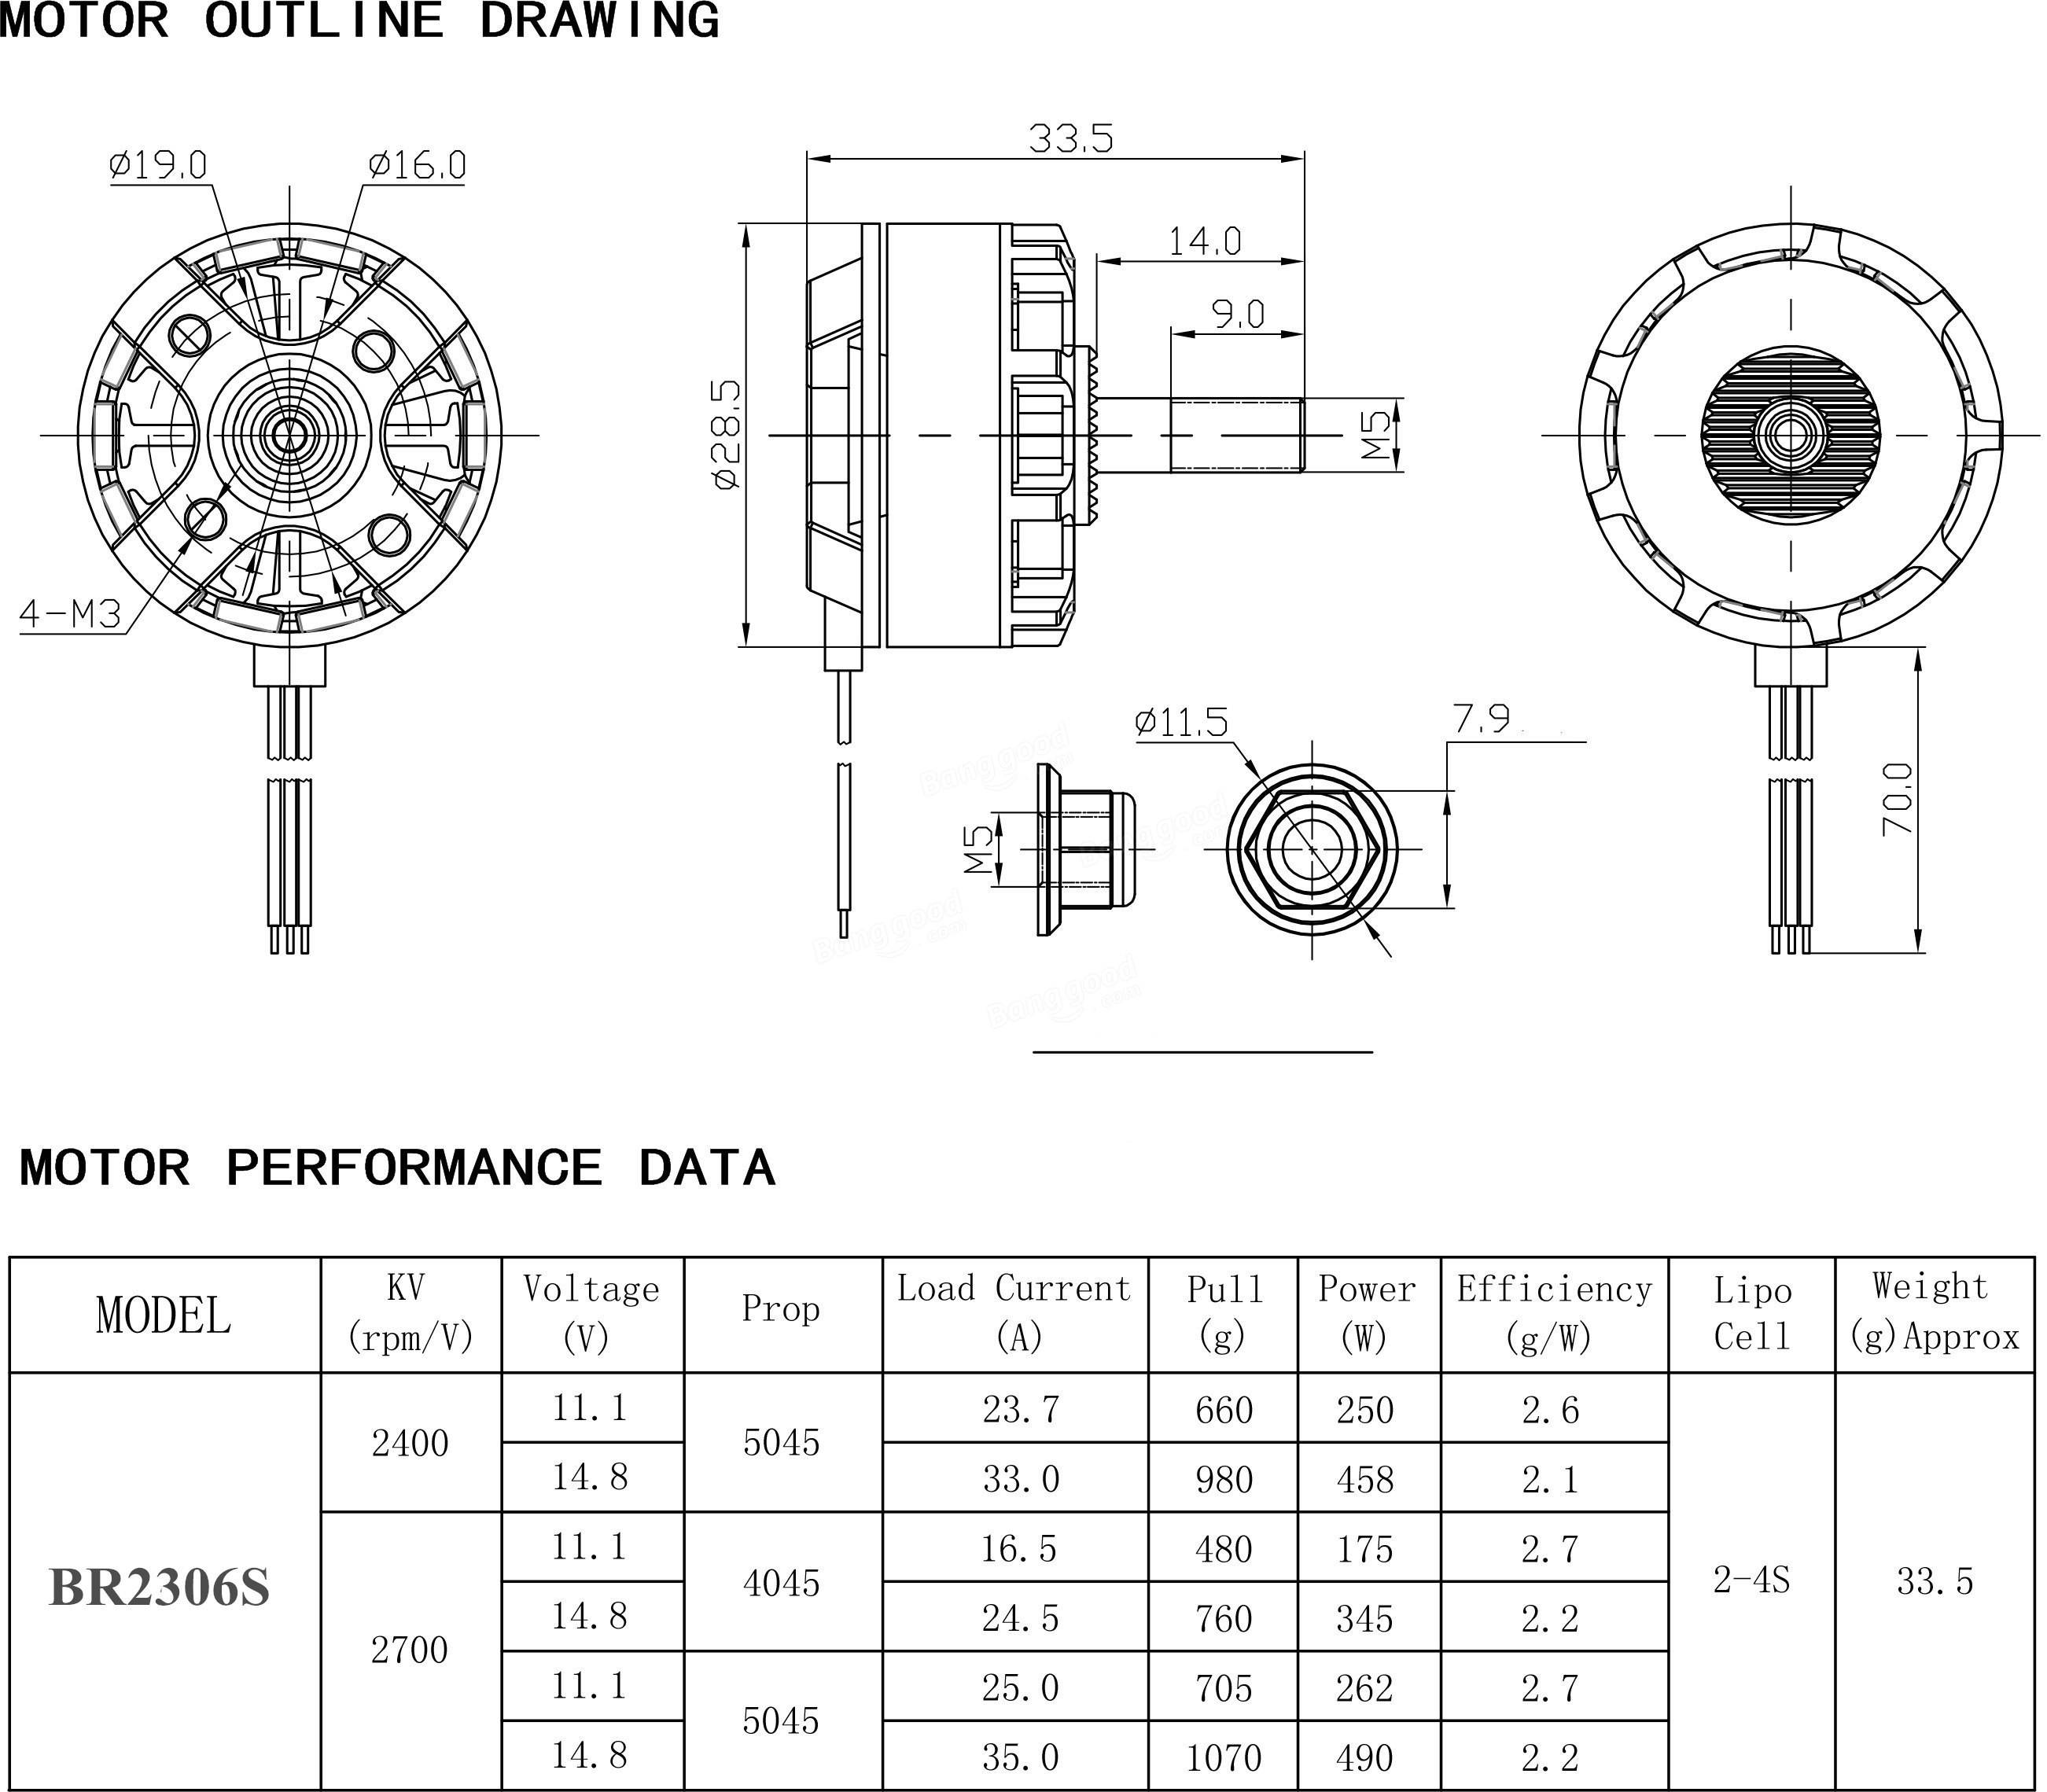 [DIAGRAM] Bobcat 864 Wiring Diagram FULL Version HD